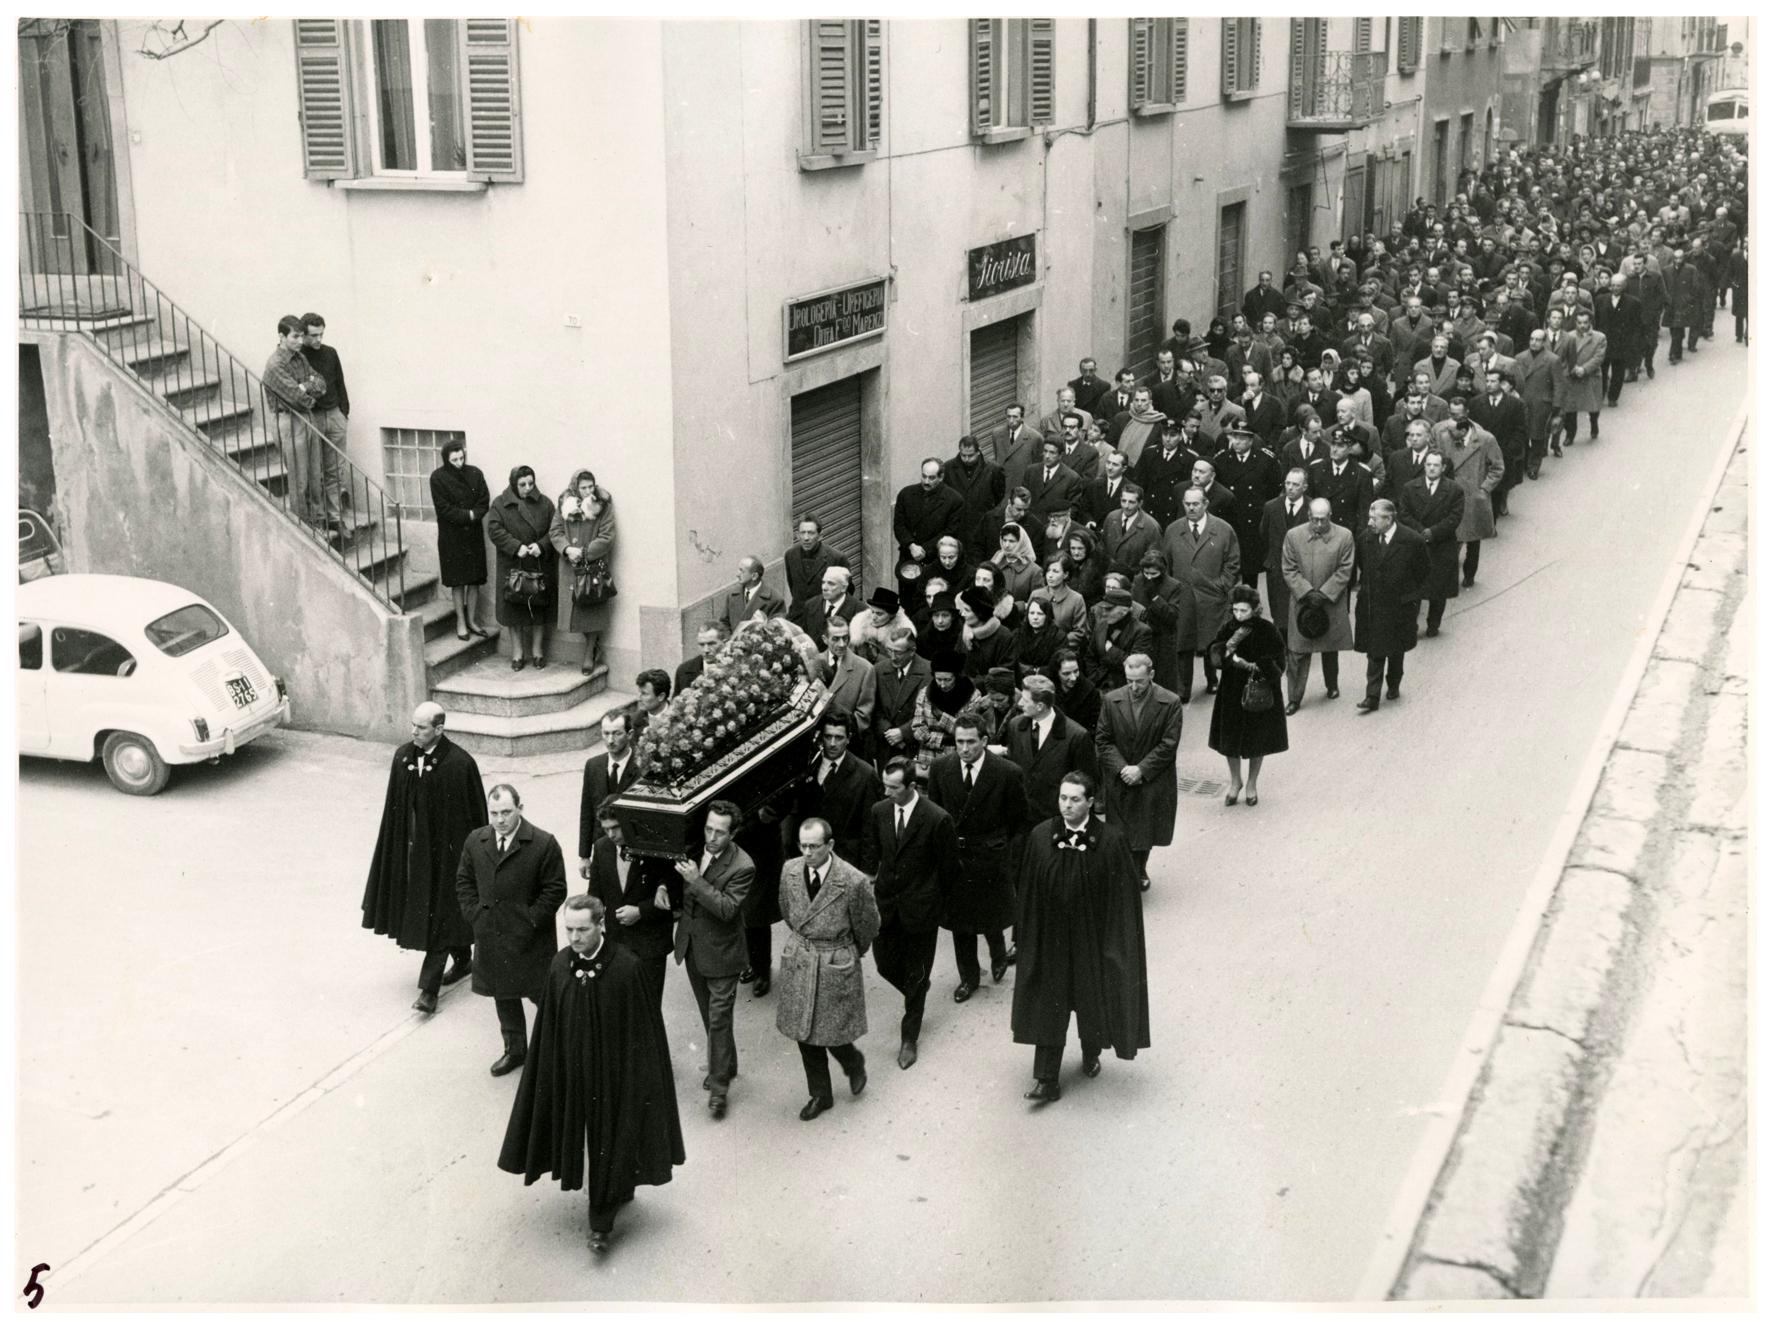 foto 5 funerale Ghslandi